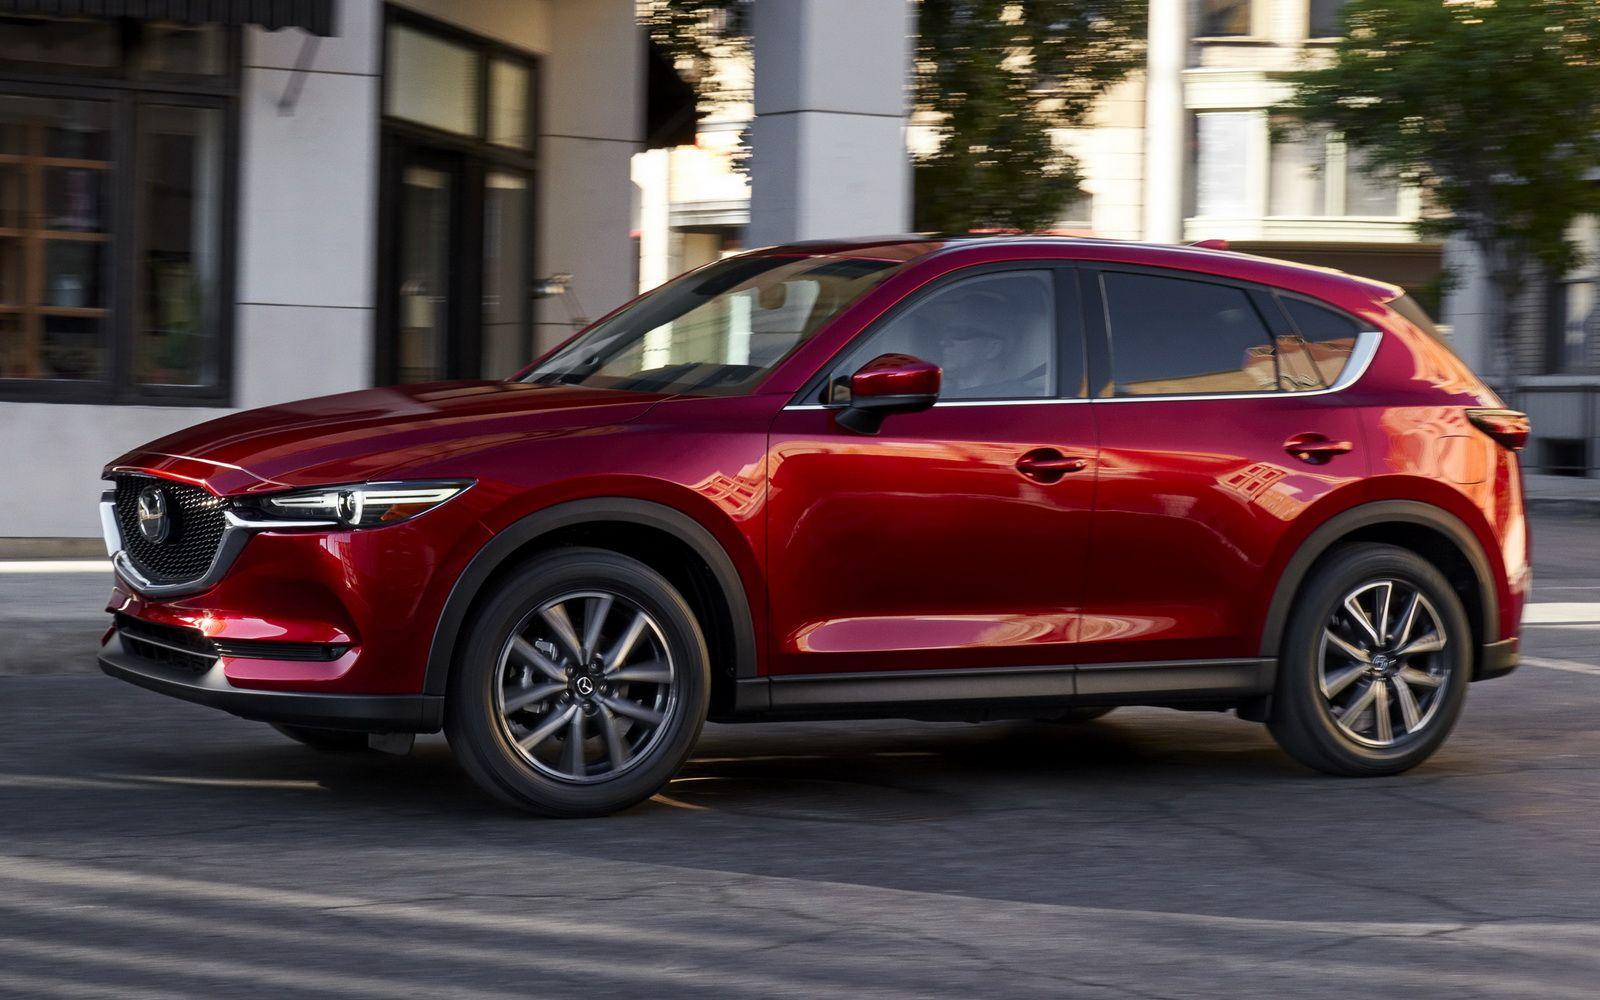 2018 Mazda Cx 5 Gets Cylinder Deactivation And More Standard Kit